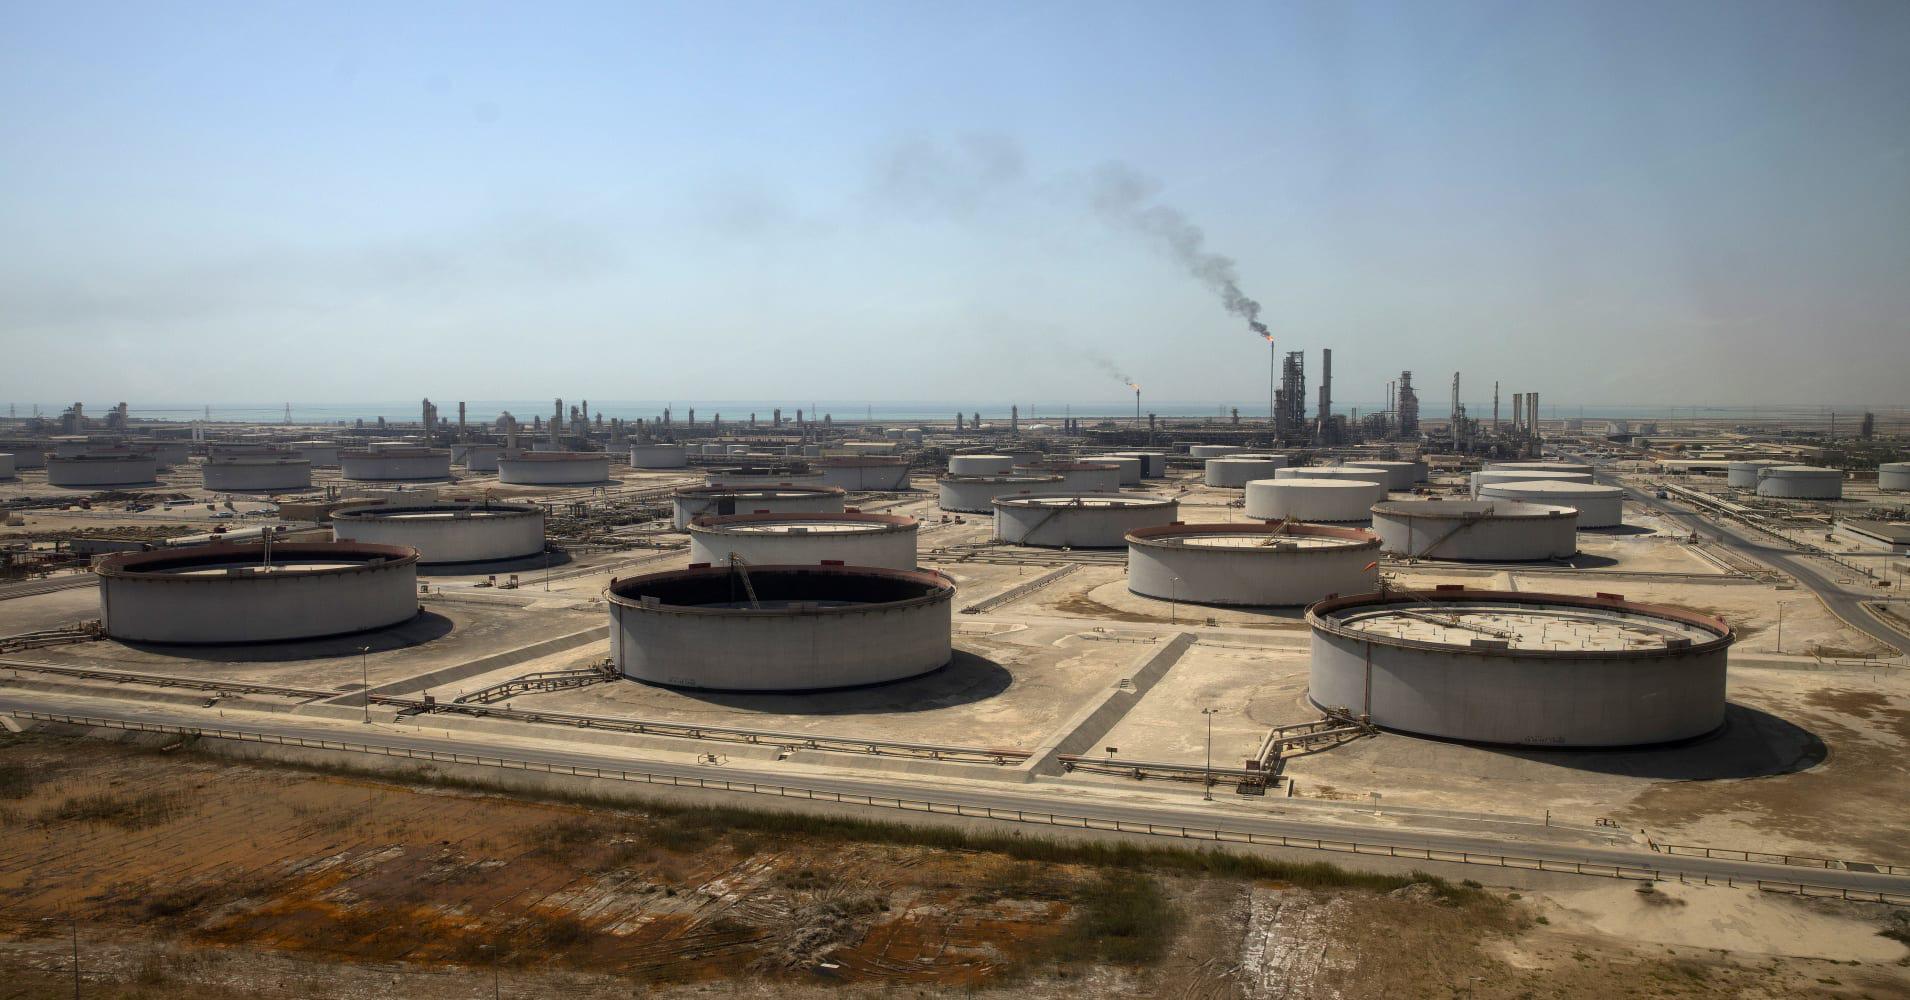 Giới chuyên gia đồn đoán trái chiều về cuộc họp giảm sản lượng dầu thô của OPEC+ vào tối 9/4 - Ảnh 1.